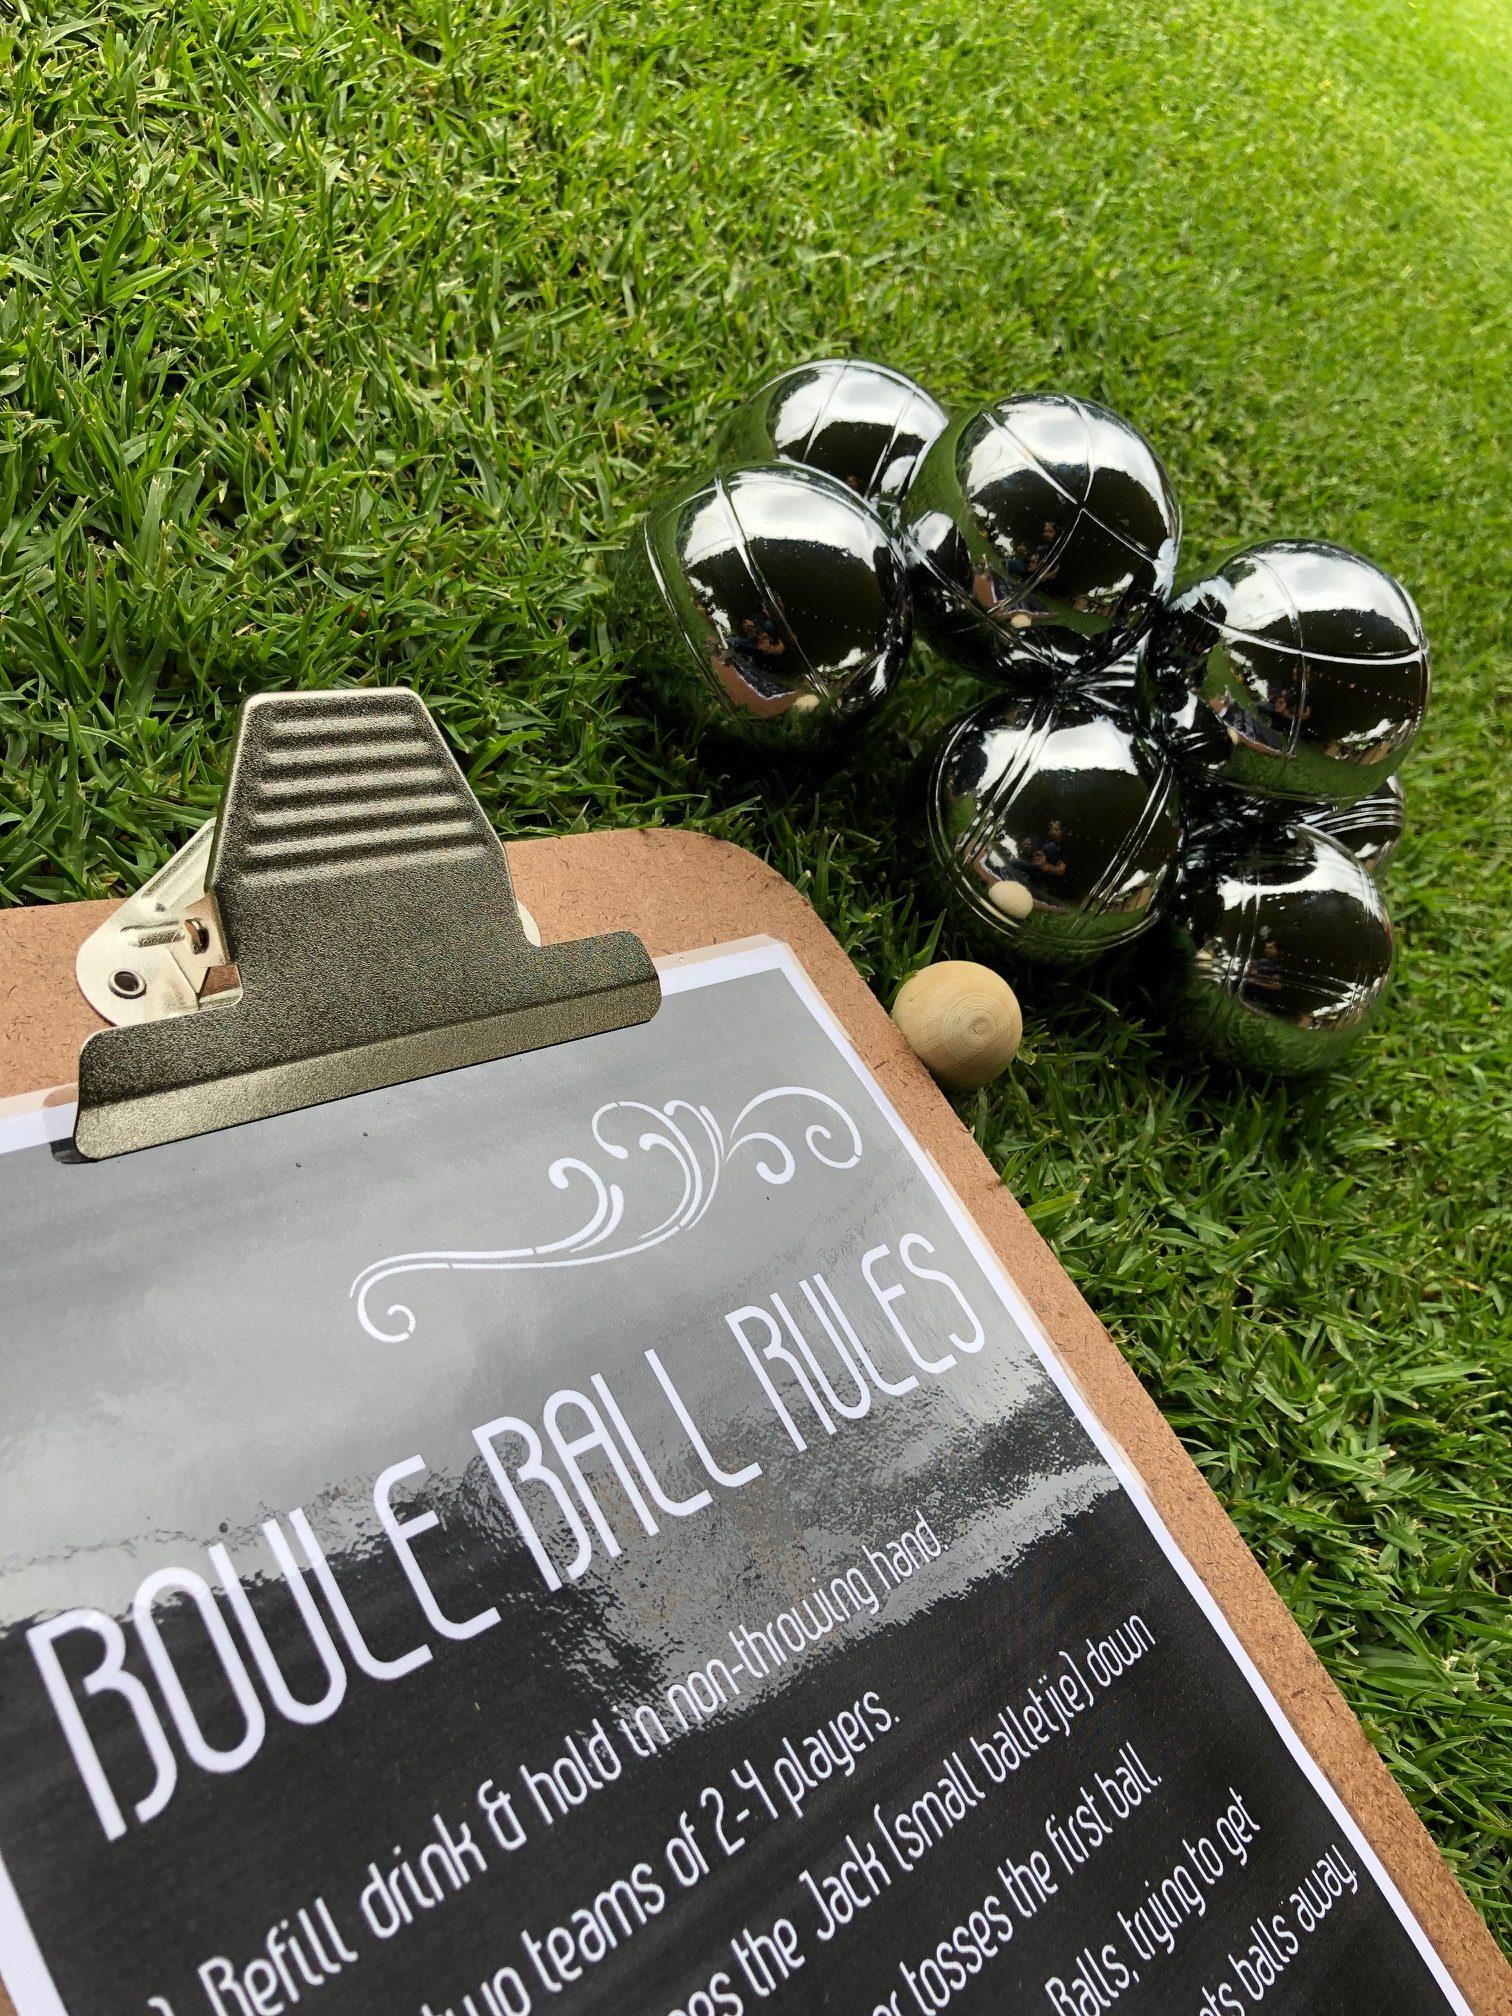 Nickerbockerdoodlebug giant lawn games